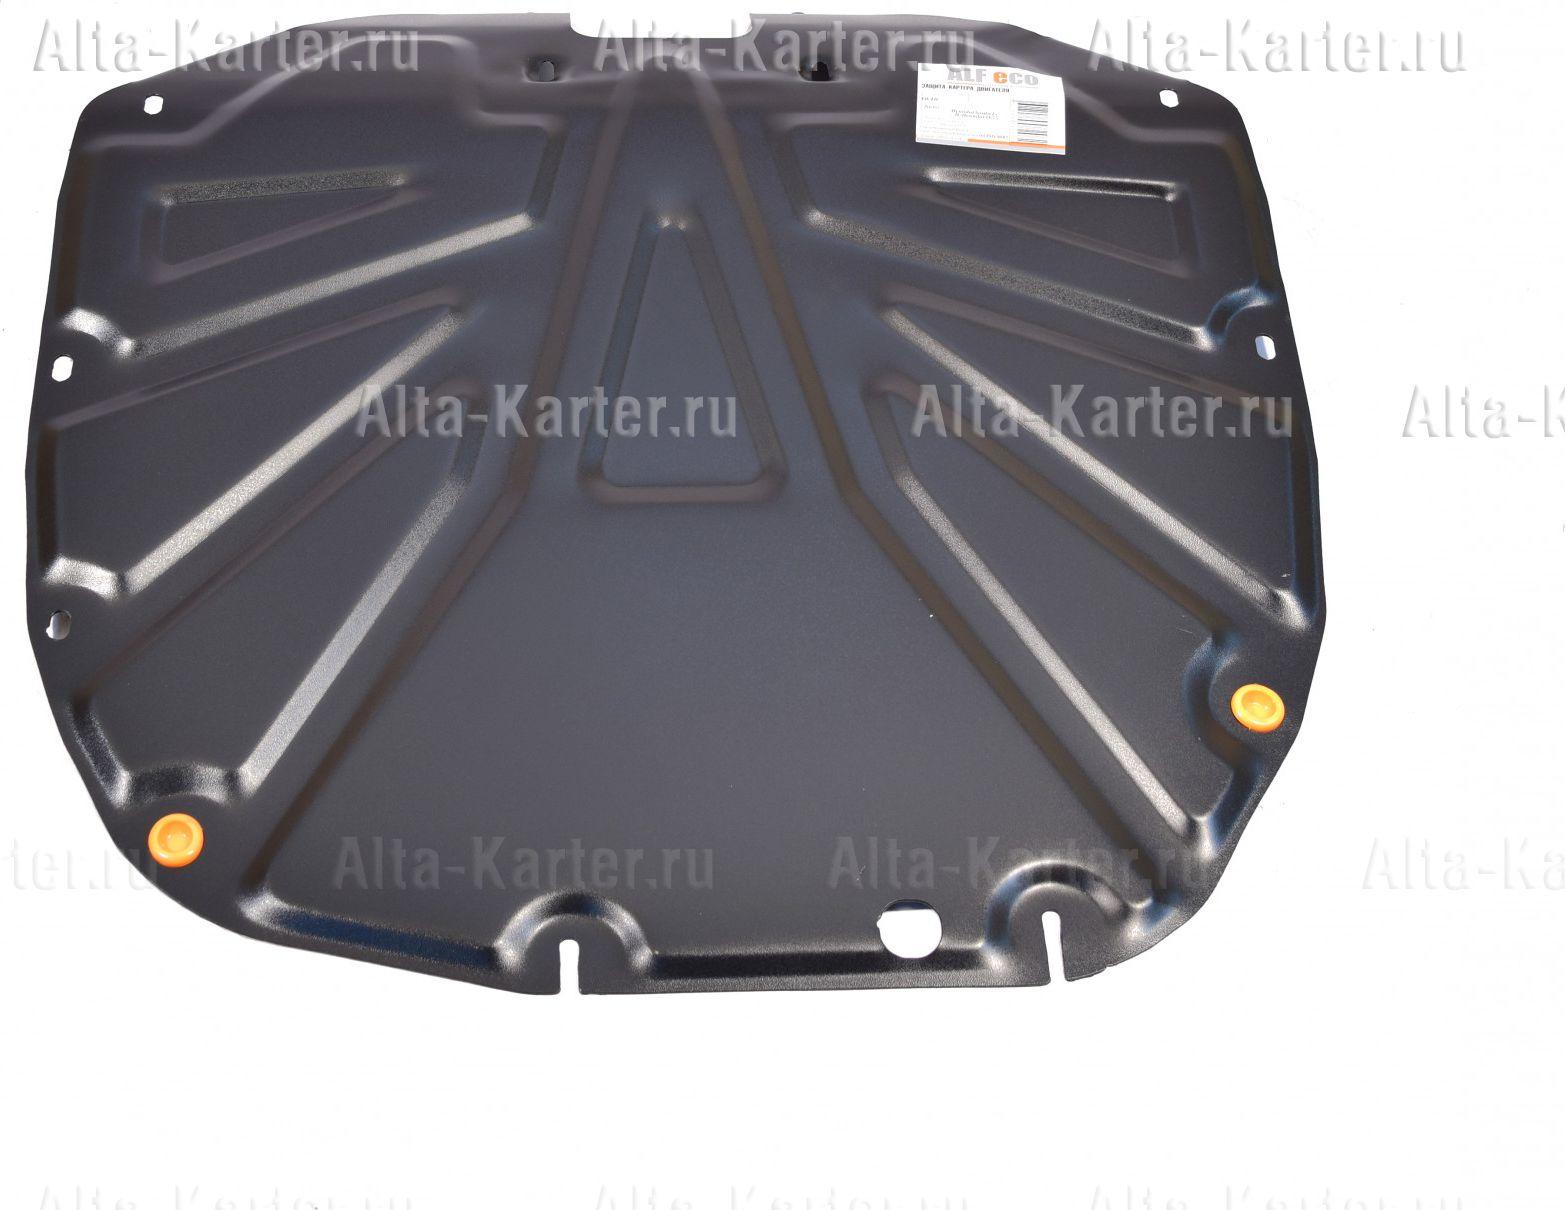 Защита Alfeco для картера и КПП Hyundai Santa Fe II 2010-2012. Артикул ALF.10.18 st